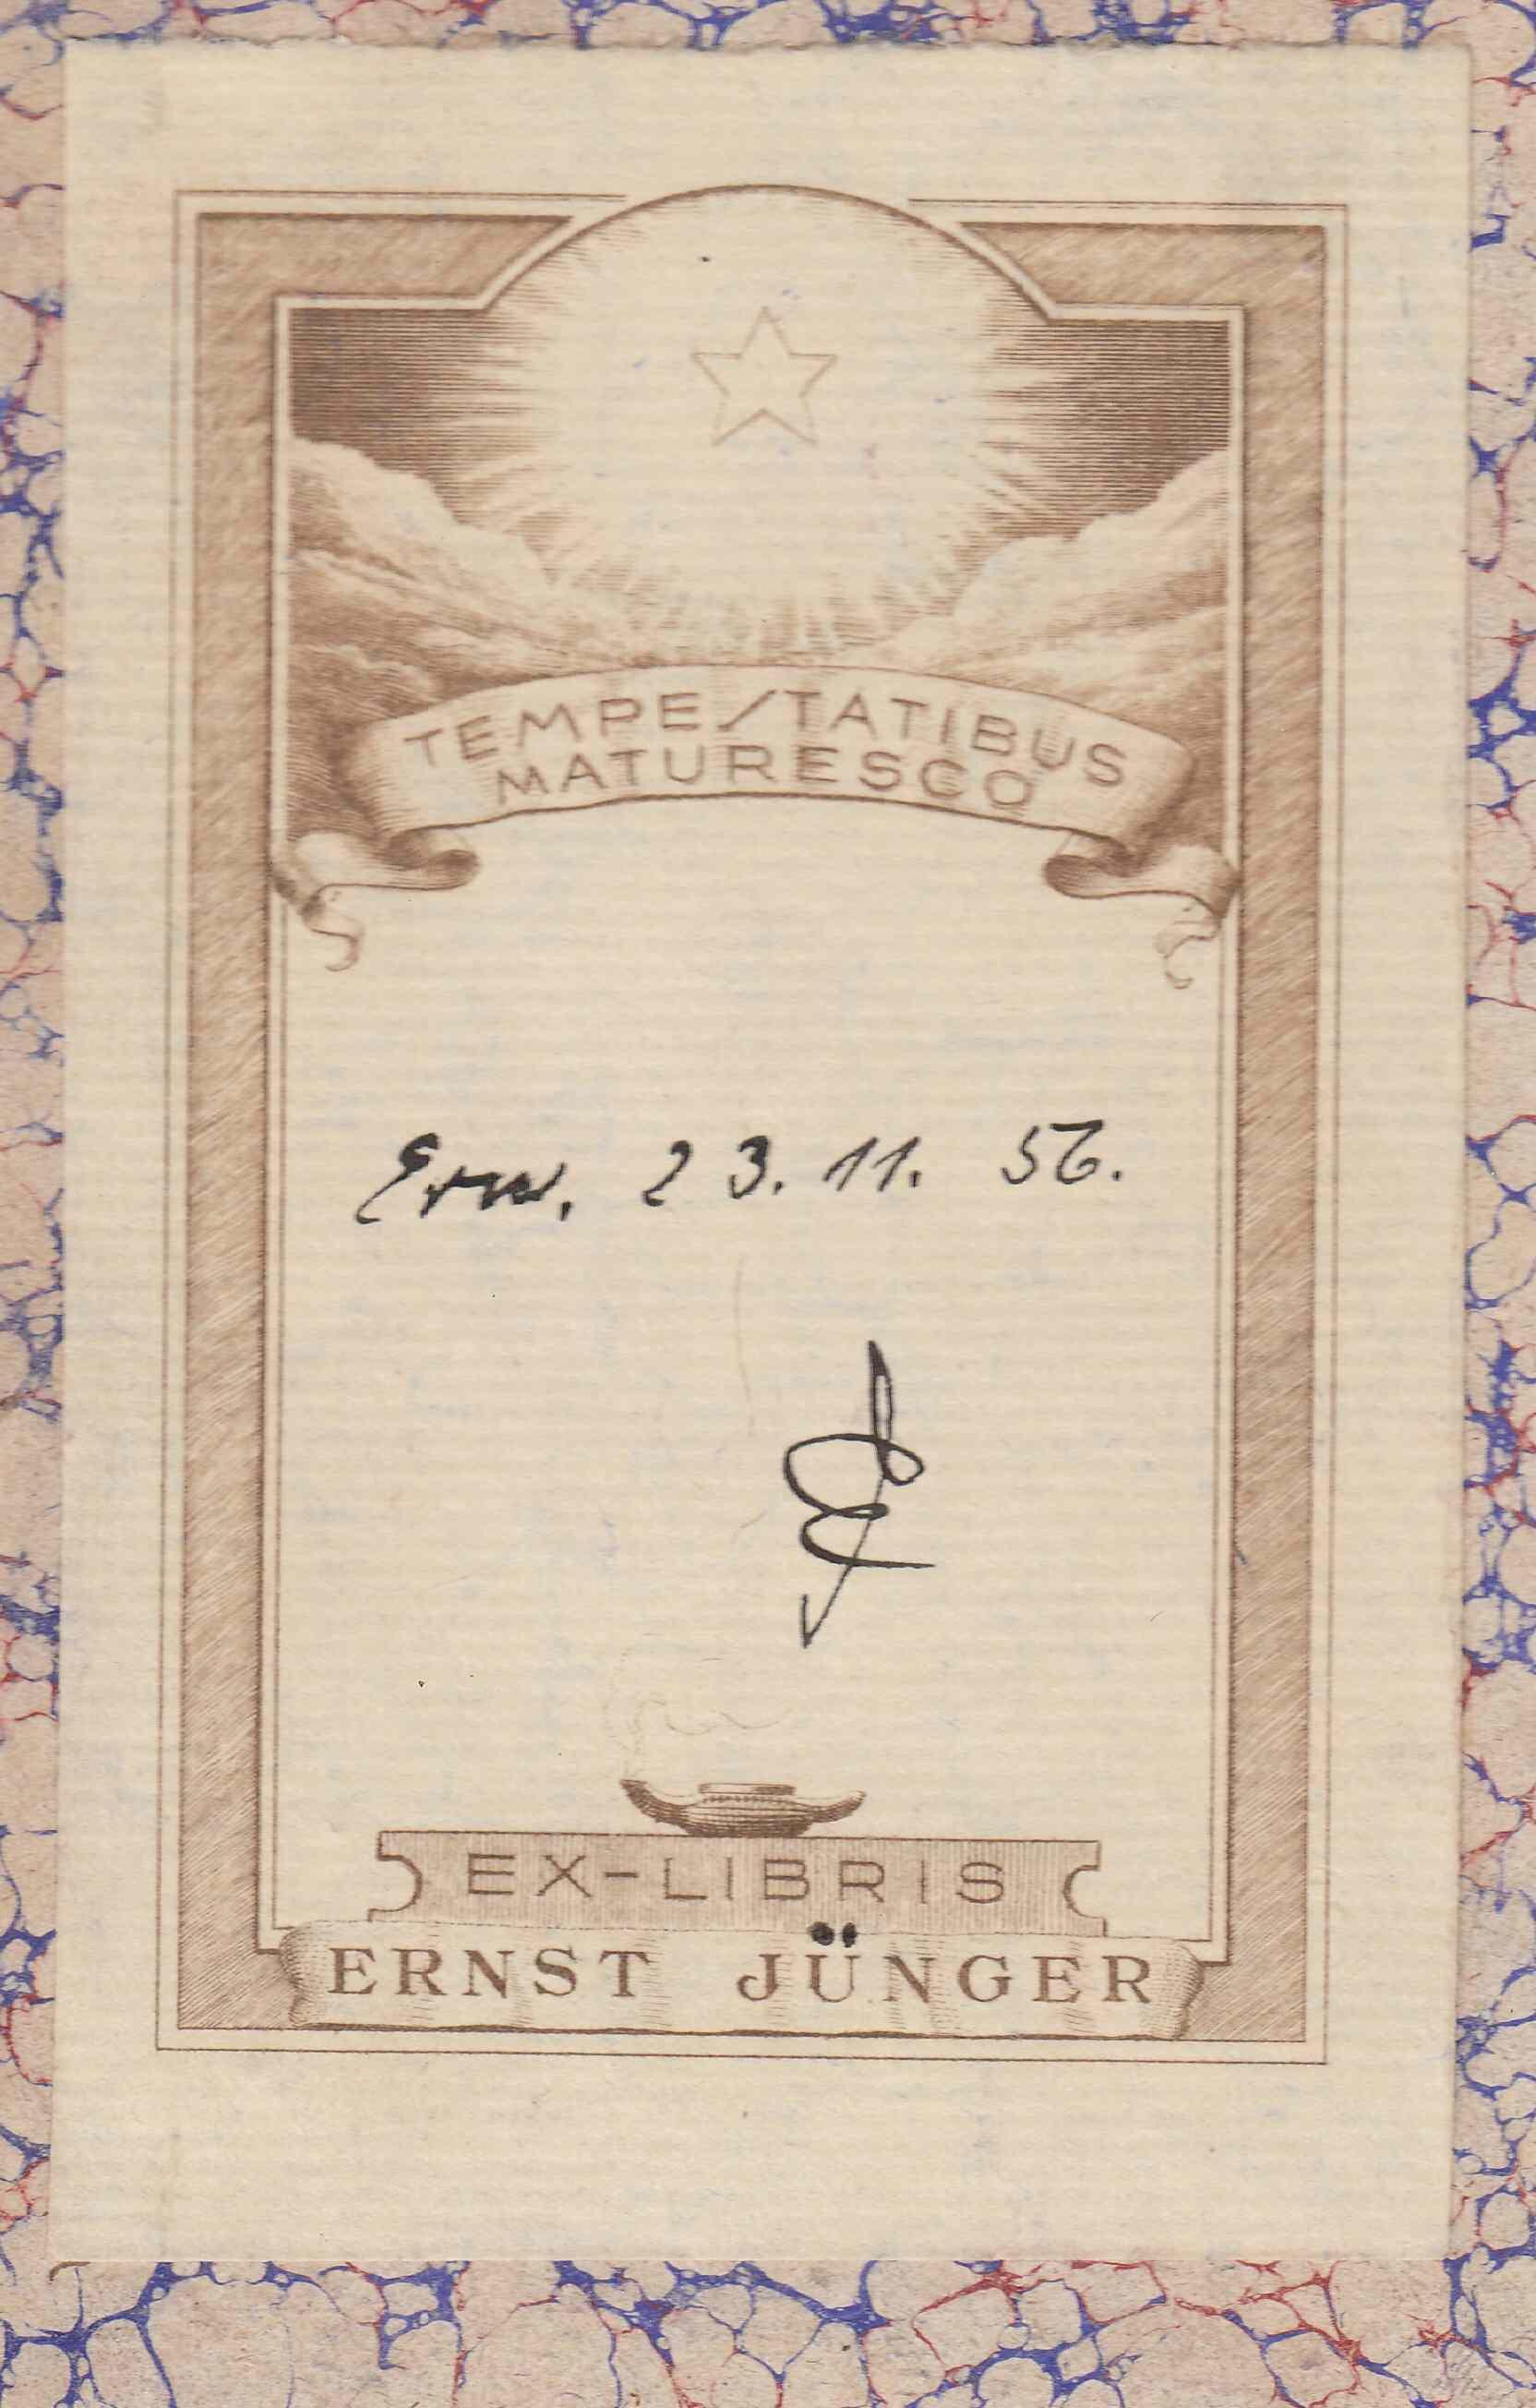 selbstbiographie mit einem vorwort von tobias wimbauer nimmertal 75 schriftenreihe des antiquariats wimbauer buchversand dritter band